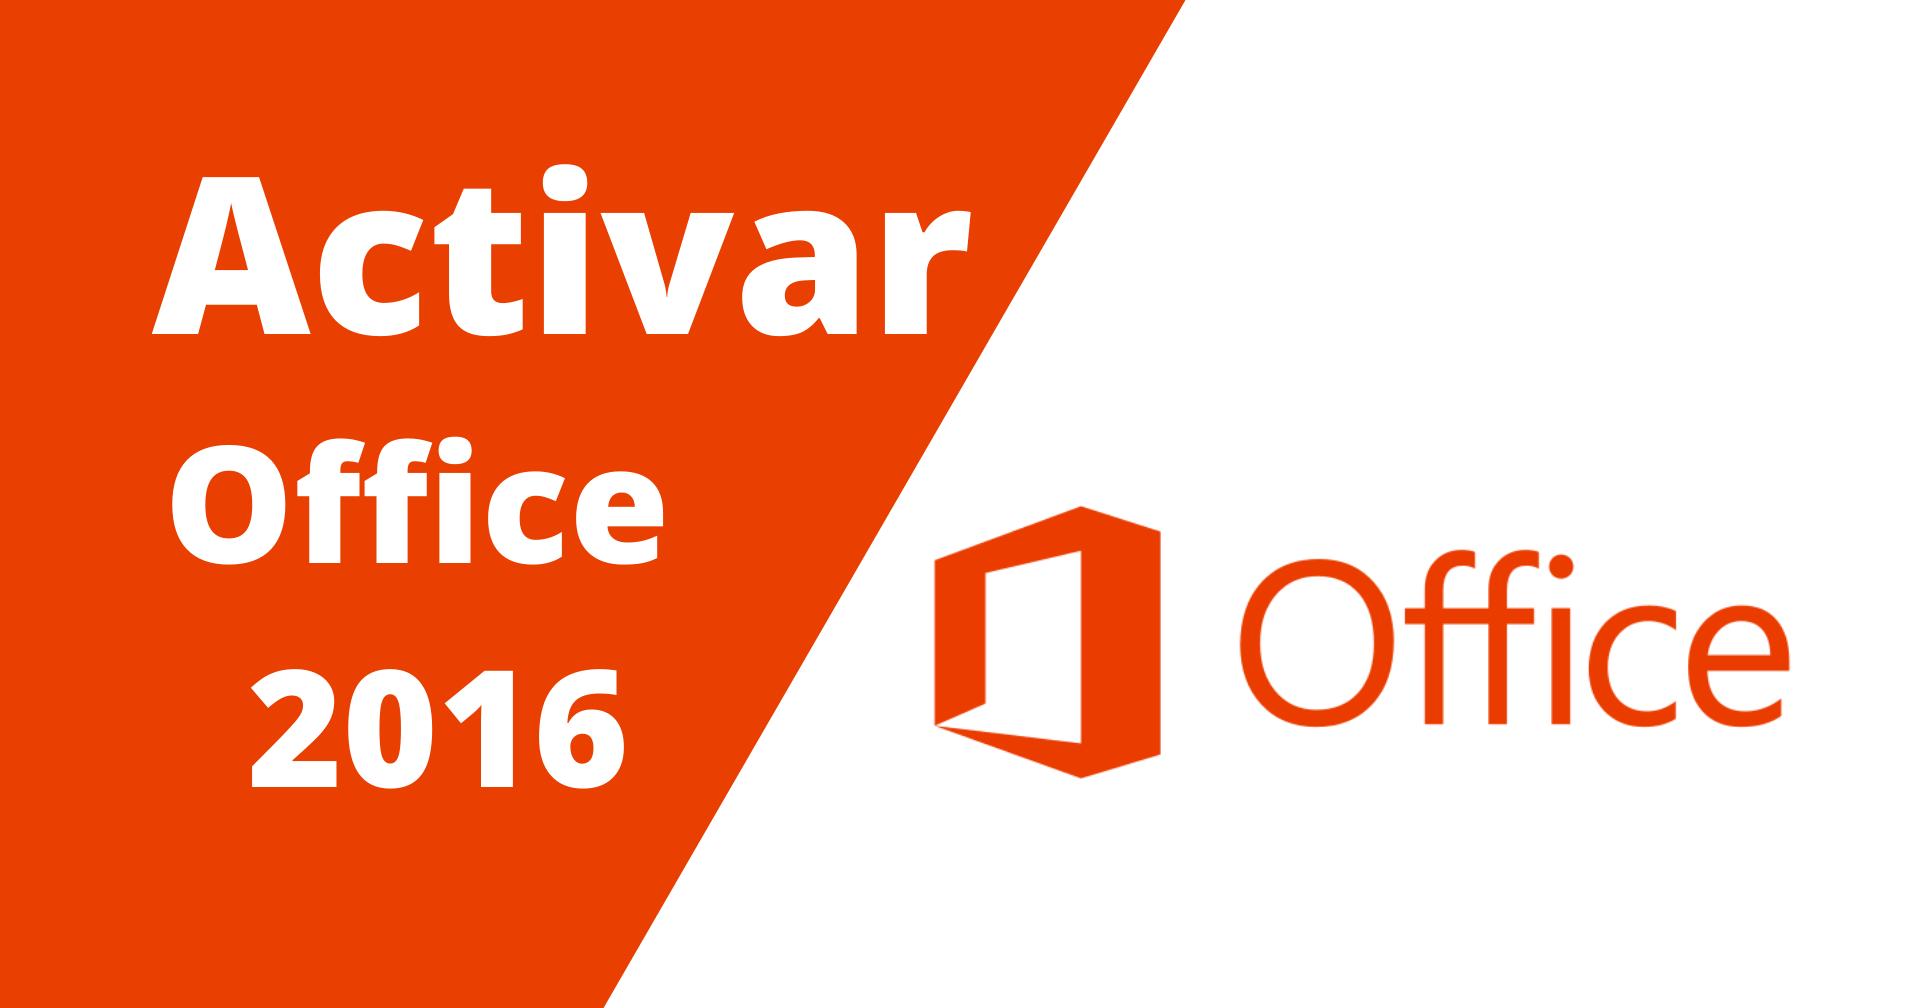 Cómo activar Microsoft Office 2016 Gratis para siempre